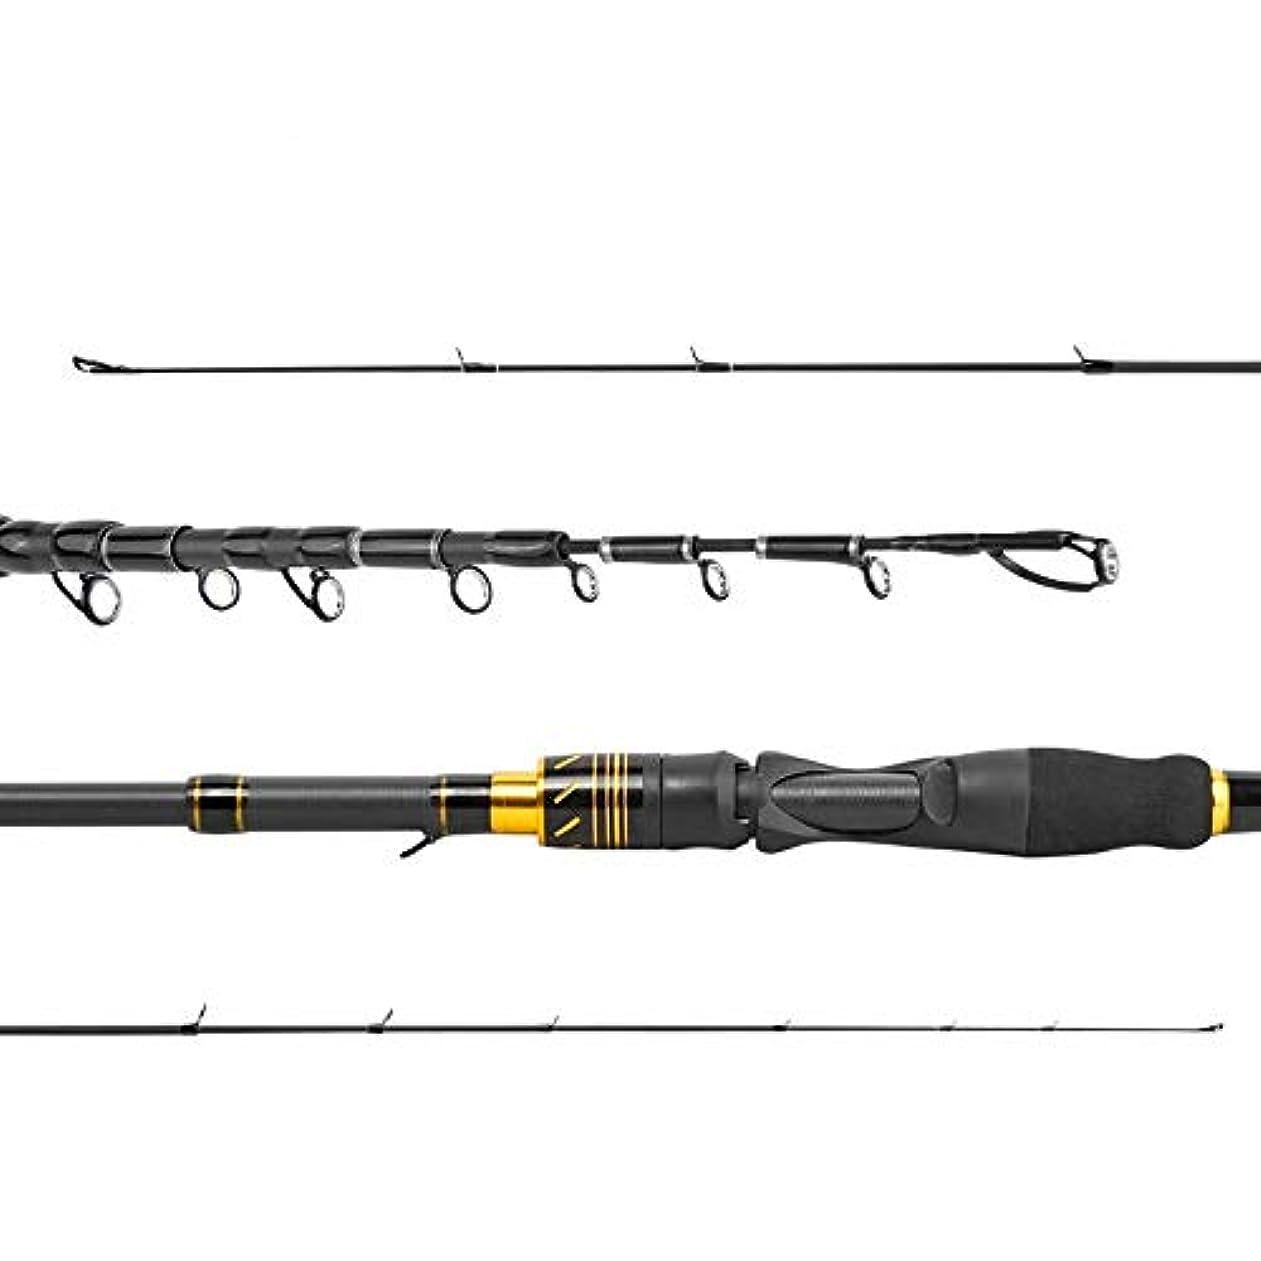 合併症縮れた口頭BTXXYJP 釣り竿 釣りロッド 耐久性 初心者 釣り 便利 伸縮可能 操作簡単 フィッシングロッド (Color : Straight Handle, Size : 2.1)